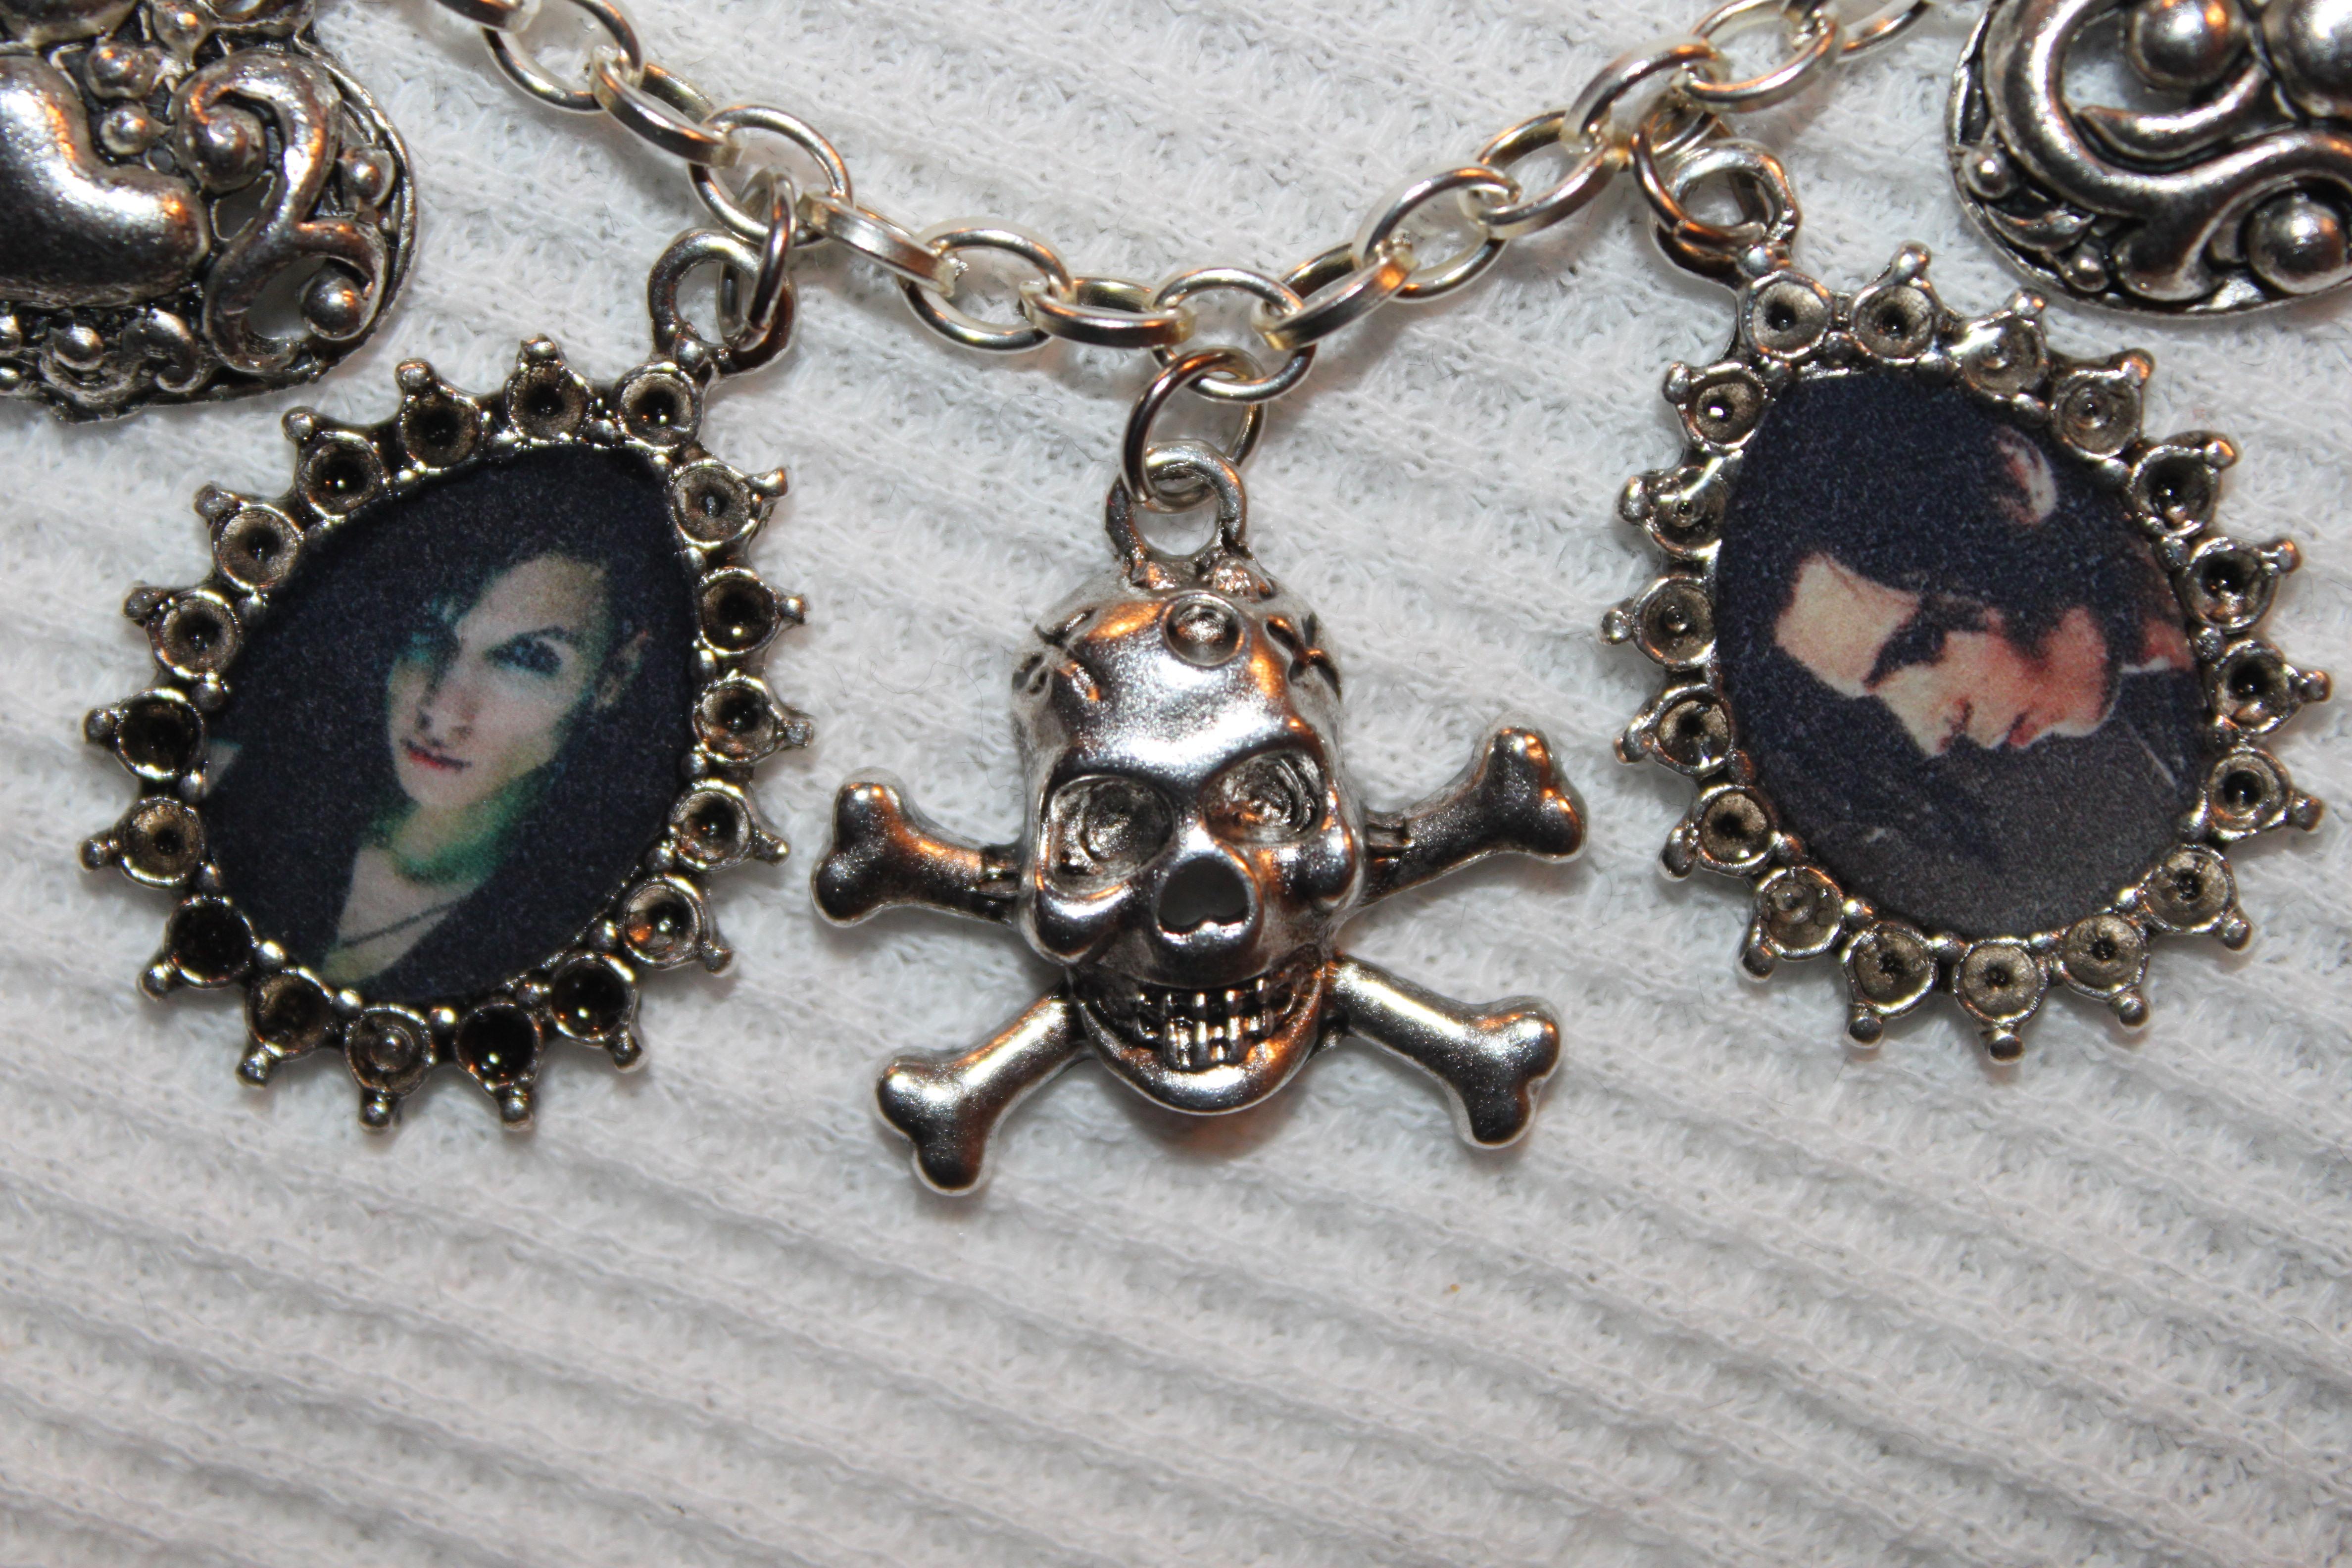 Bvb Charm Bracelet And Earrings Art 33115635